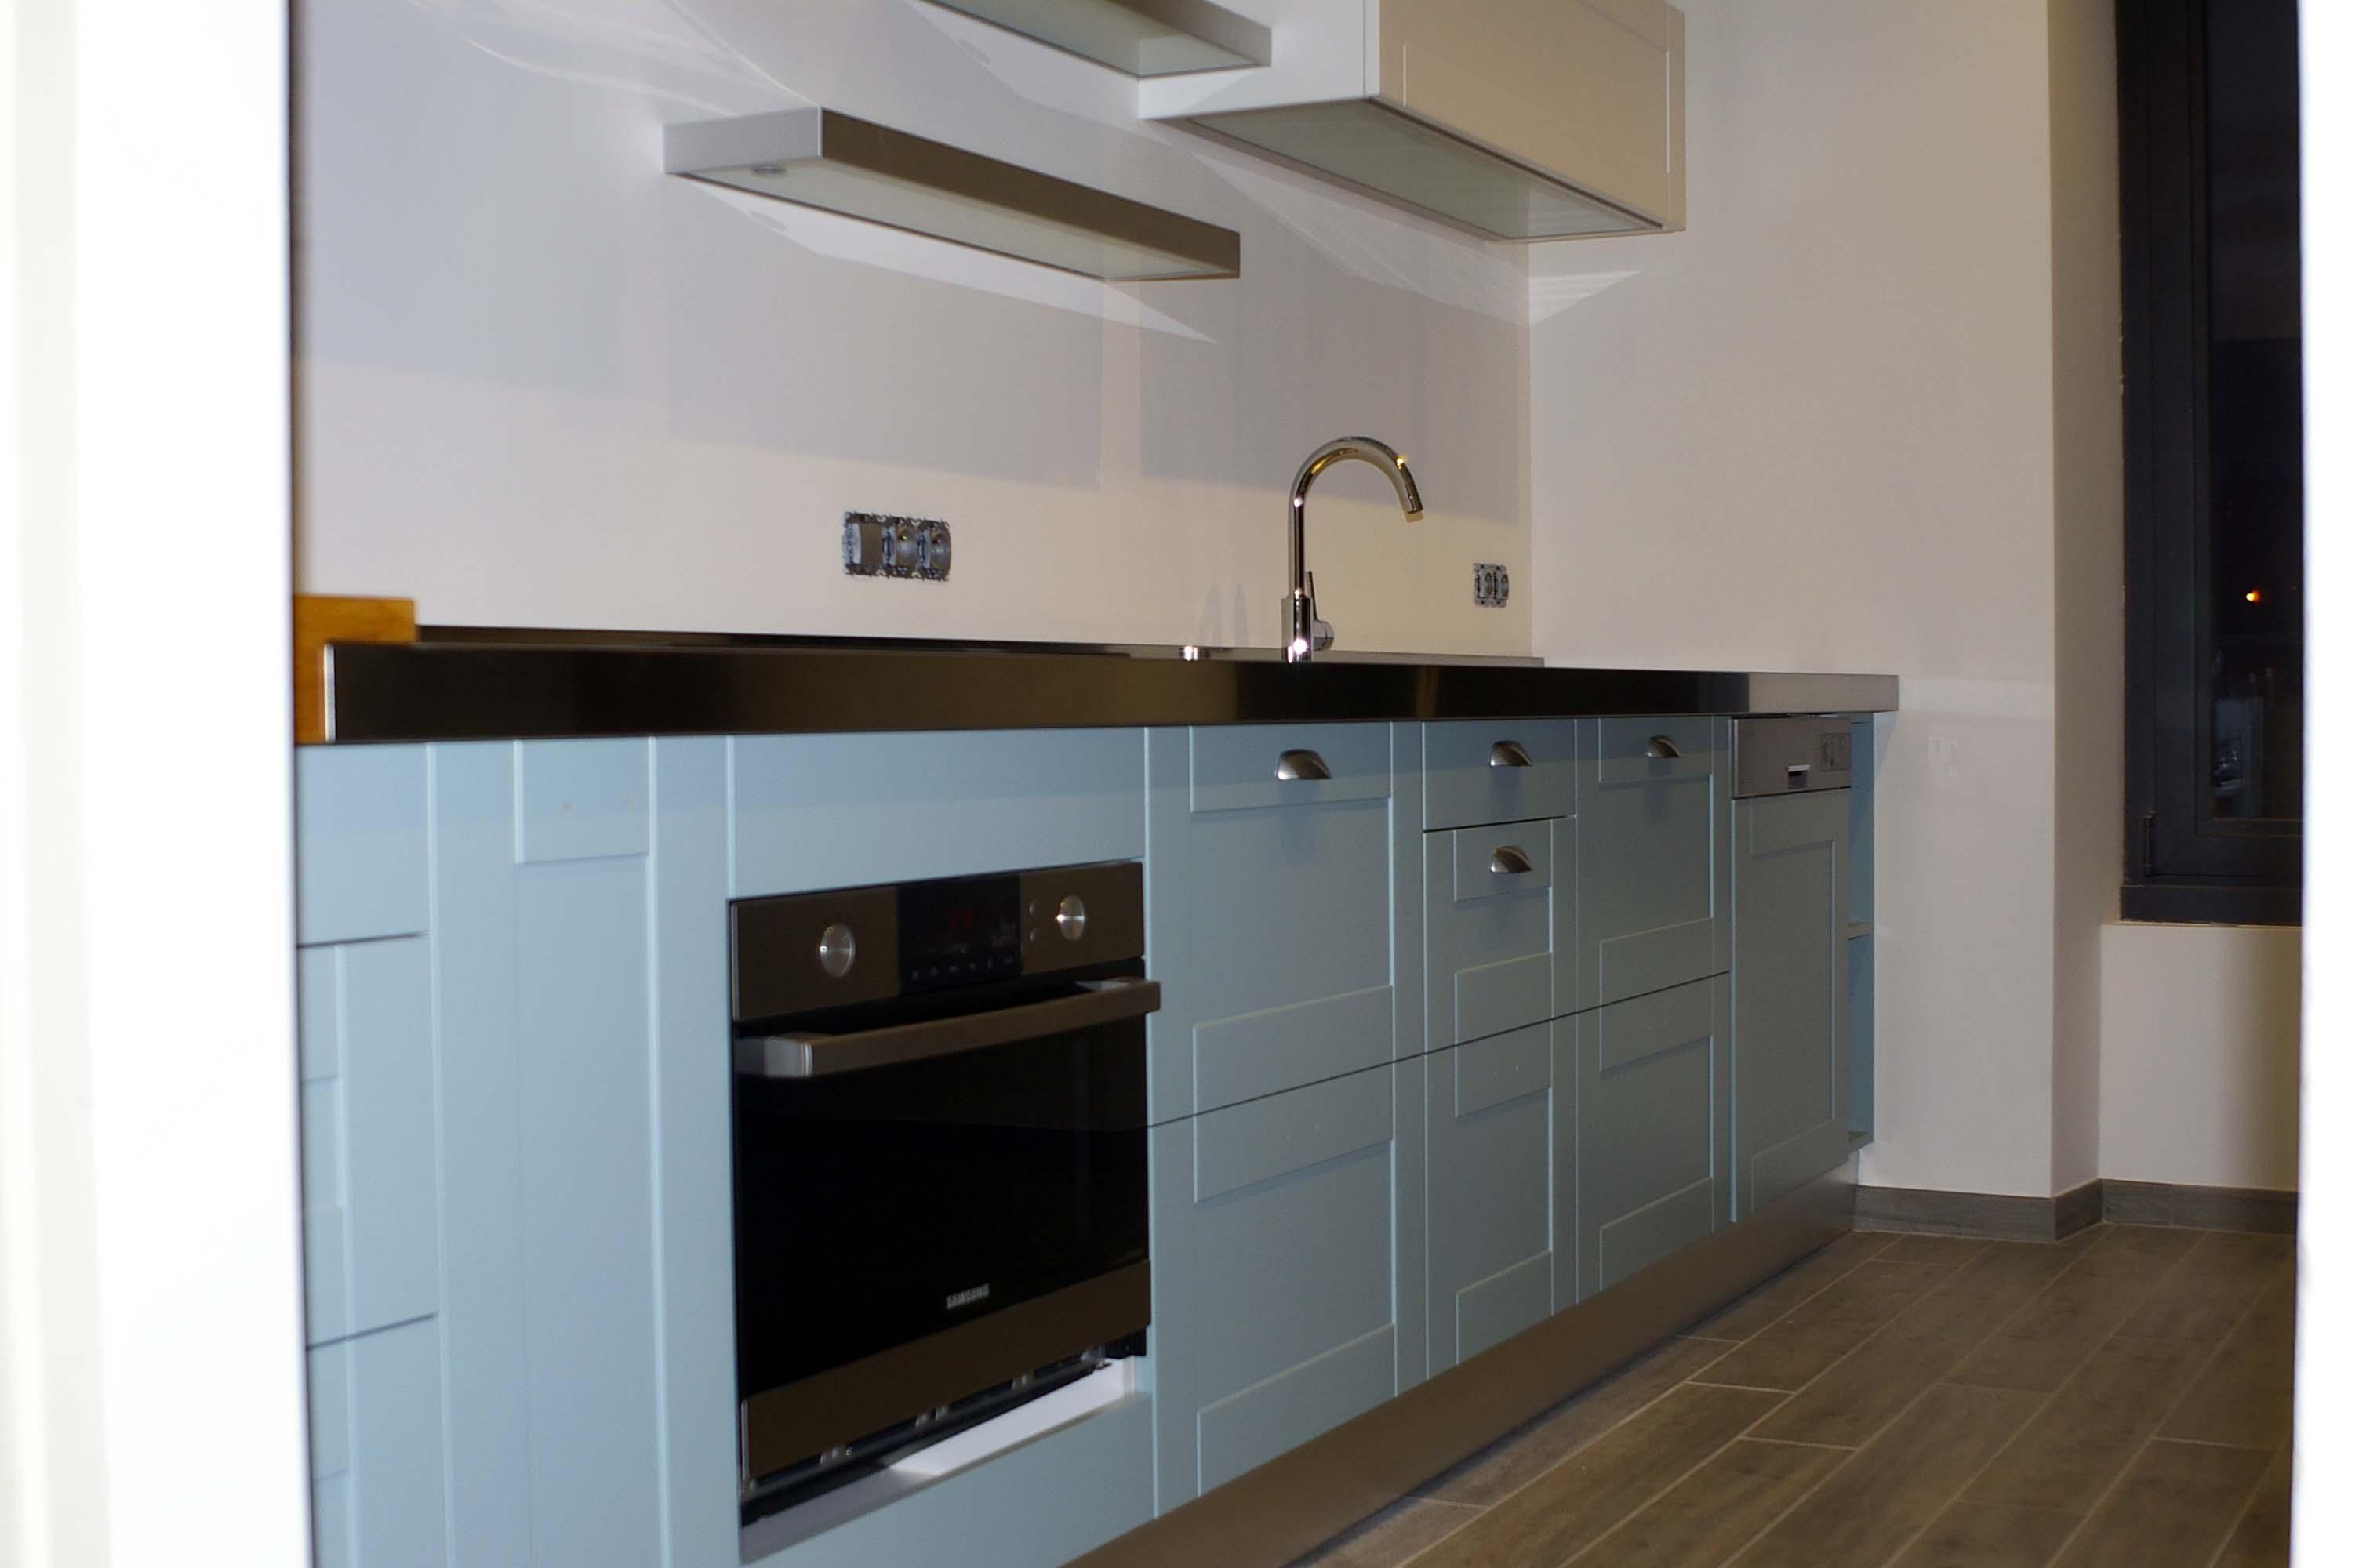 cuisine armony moderne. Black Bedroom Furniture Sets. Home Design Ideas